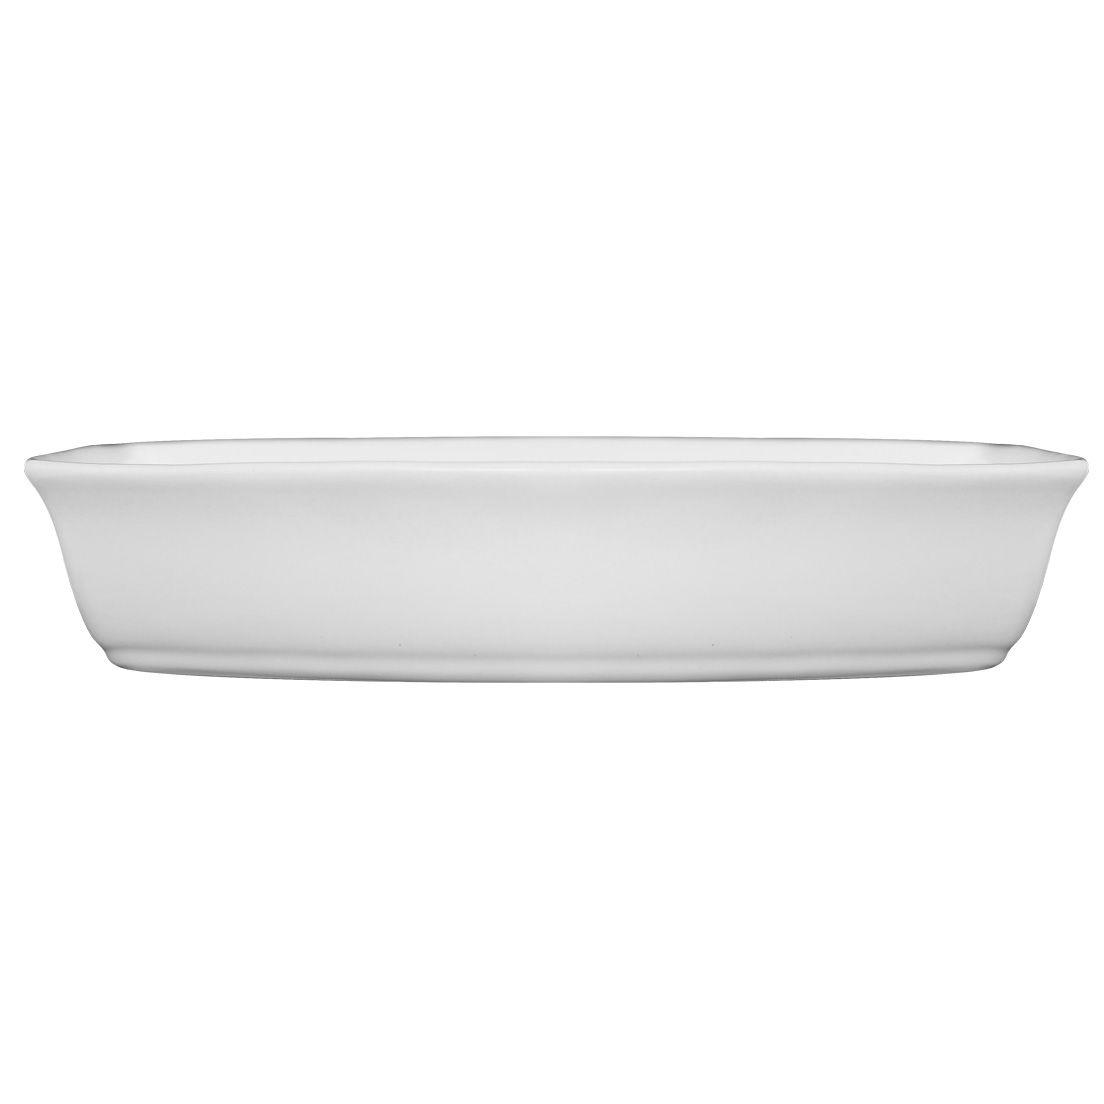 Forma Assadeira 31Cm para Micro-Ondas, Forno Convencional e Elétrico de Cerâmica Retangular Branca